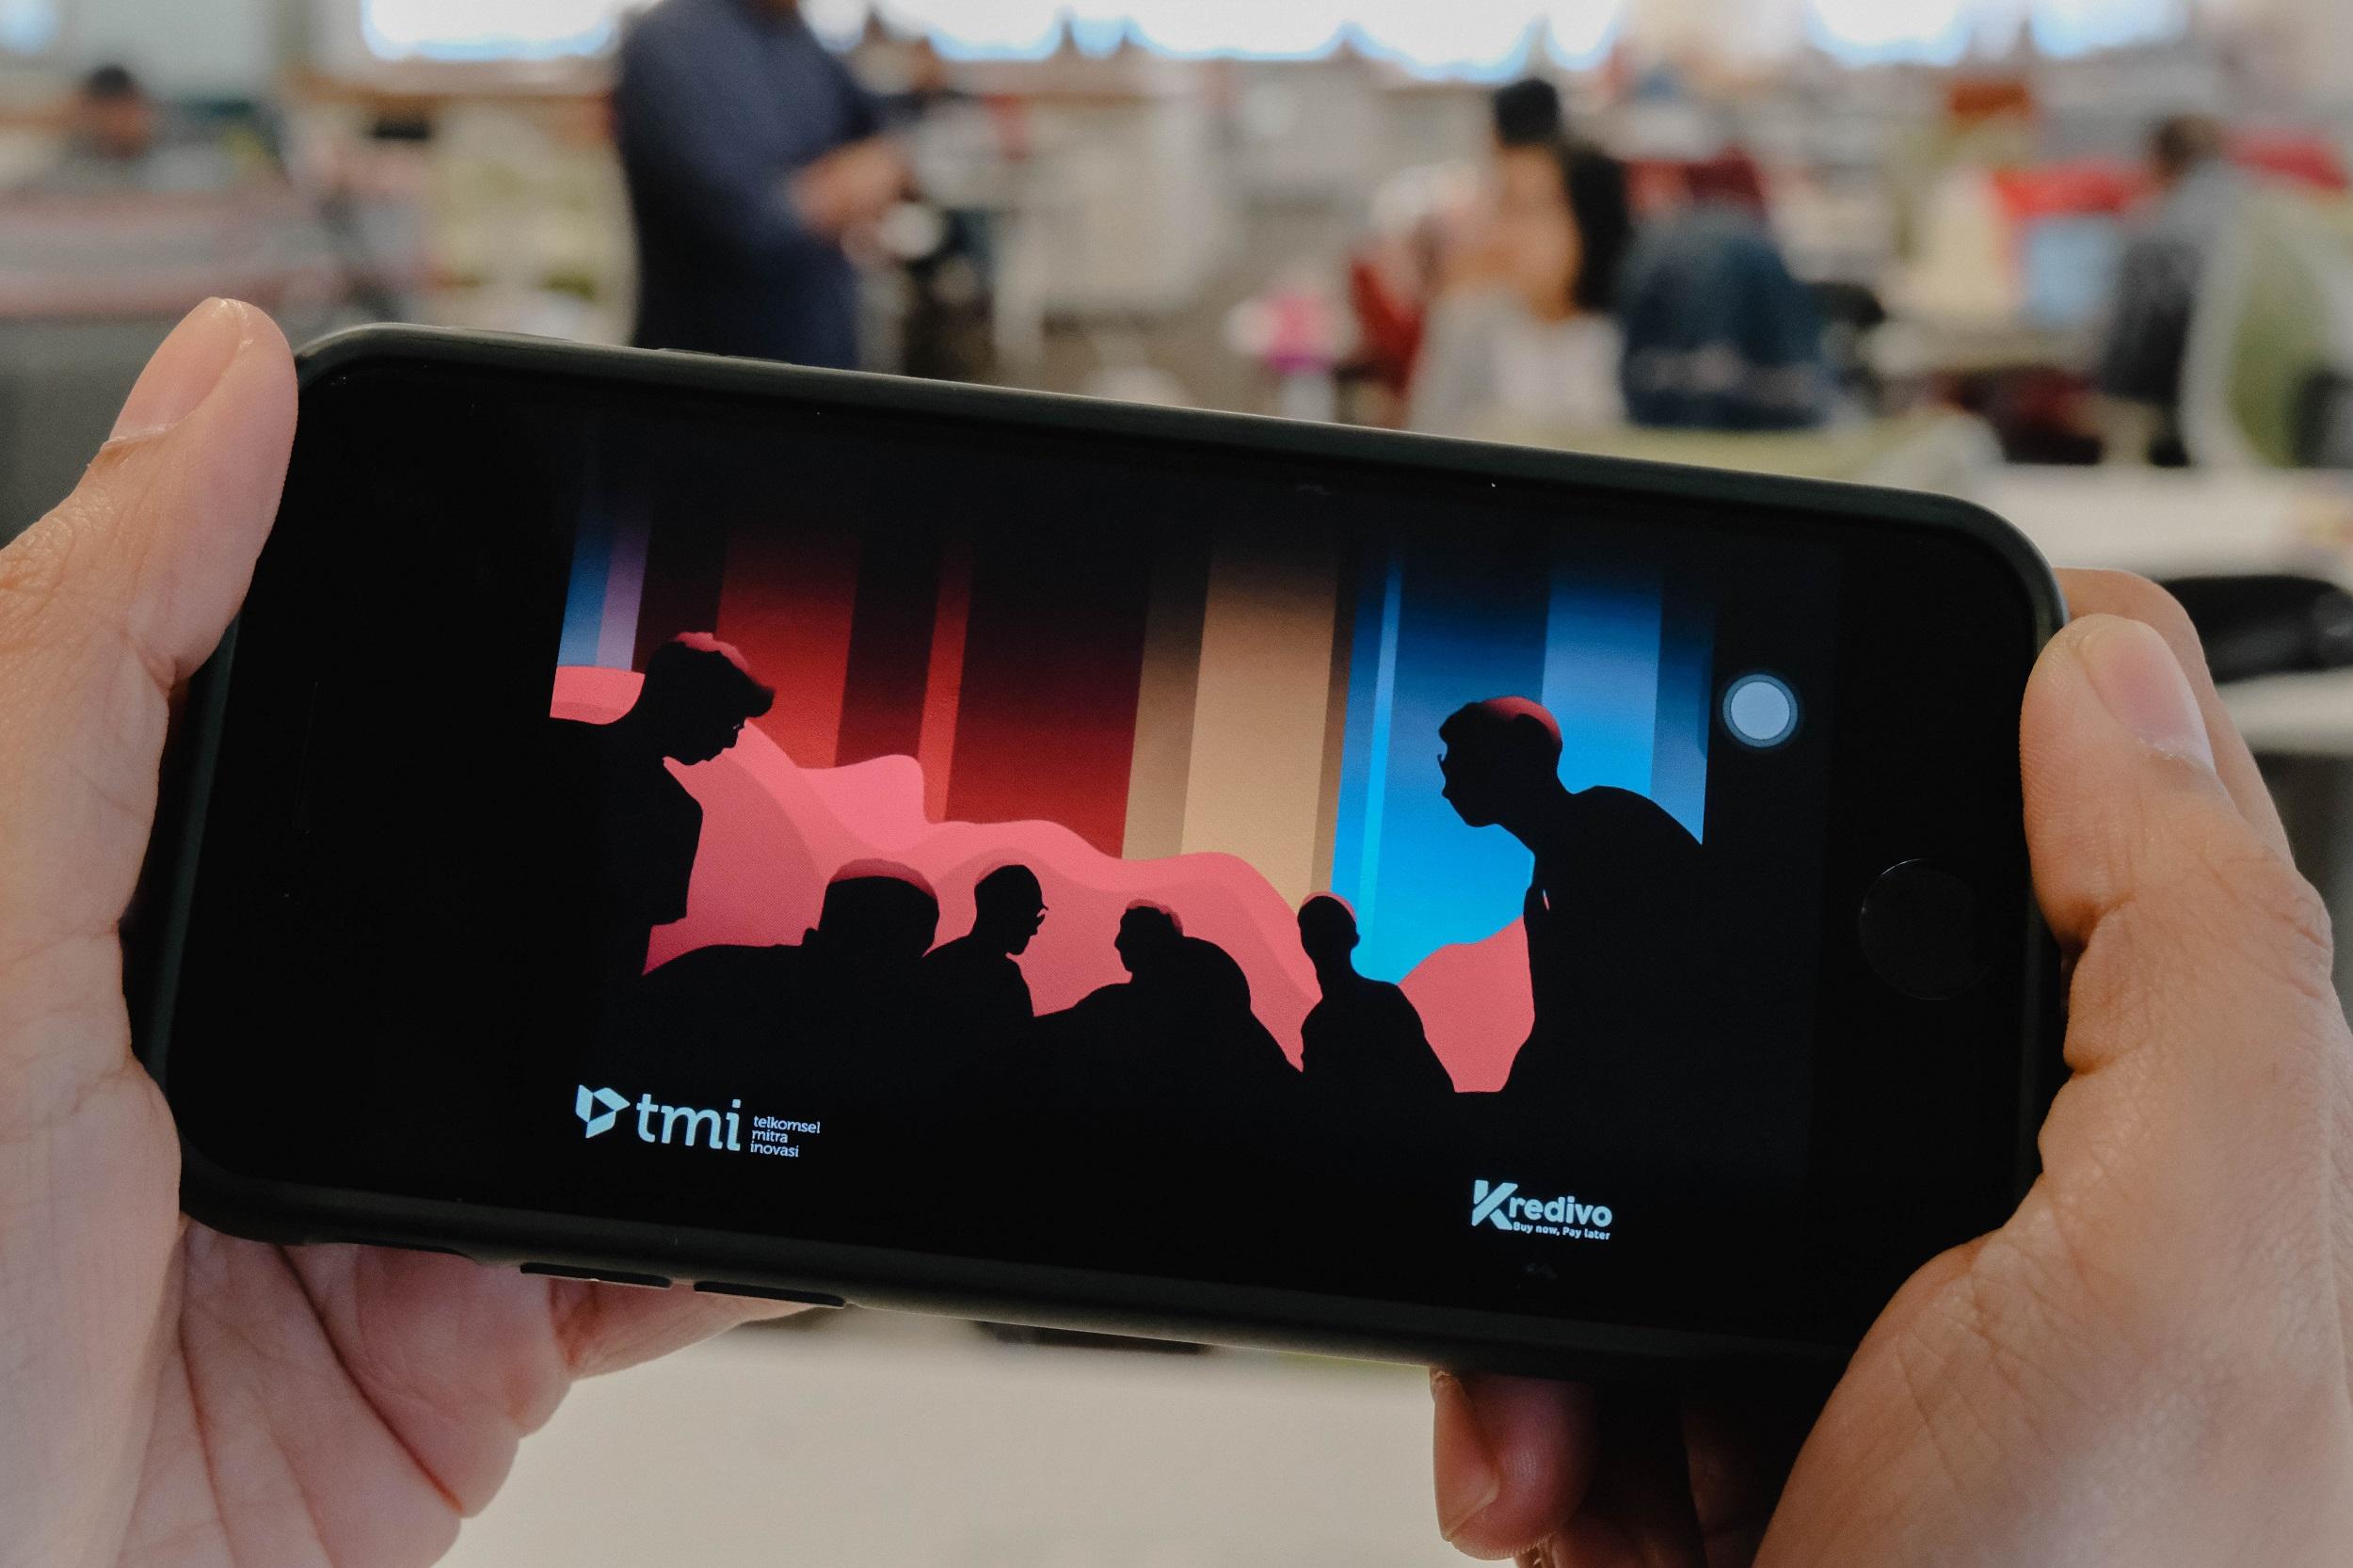 Kredivo secures fresh funding from Telkomsel, MDI Ventures